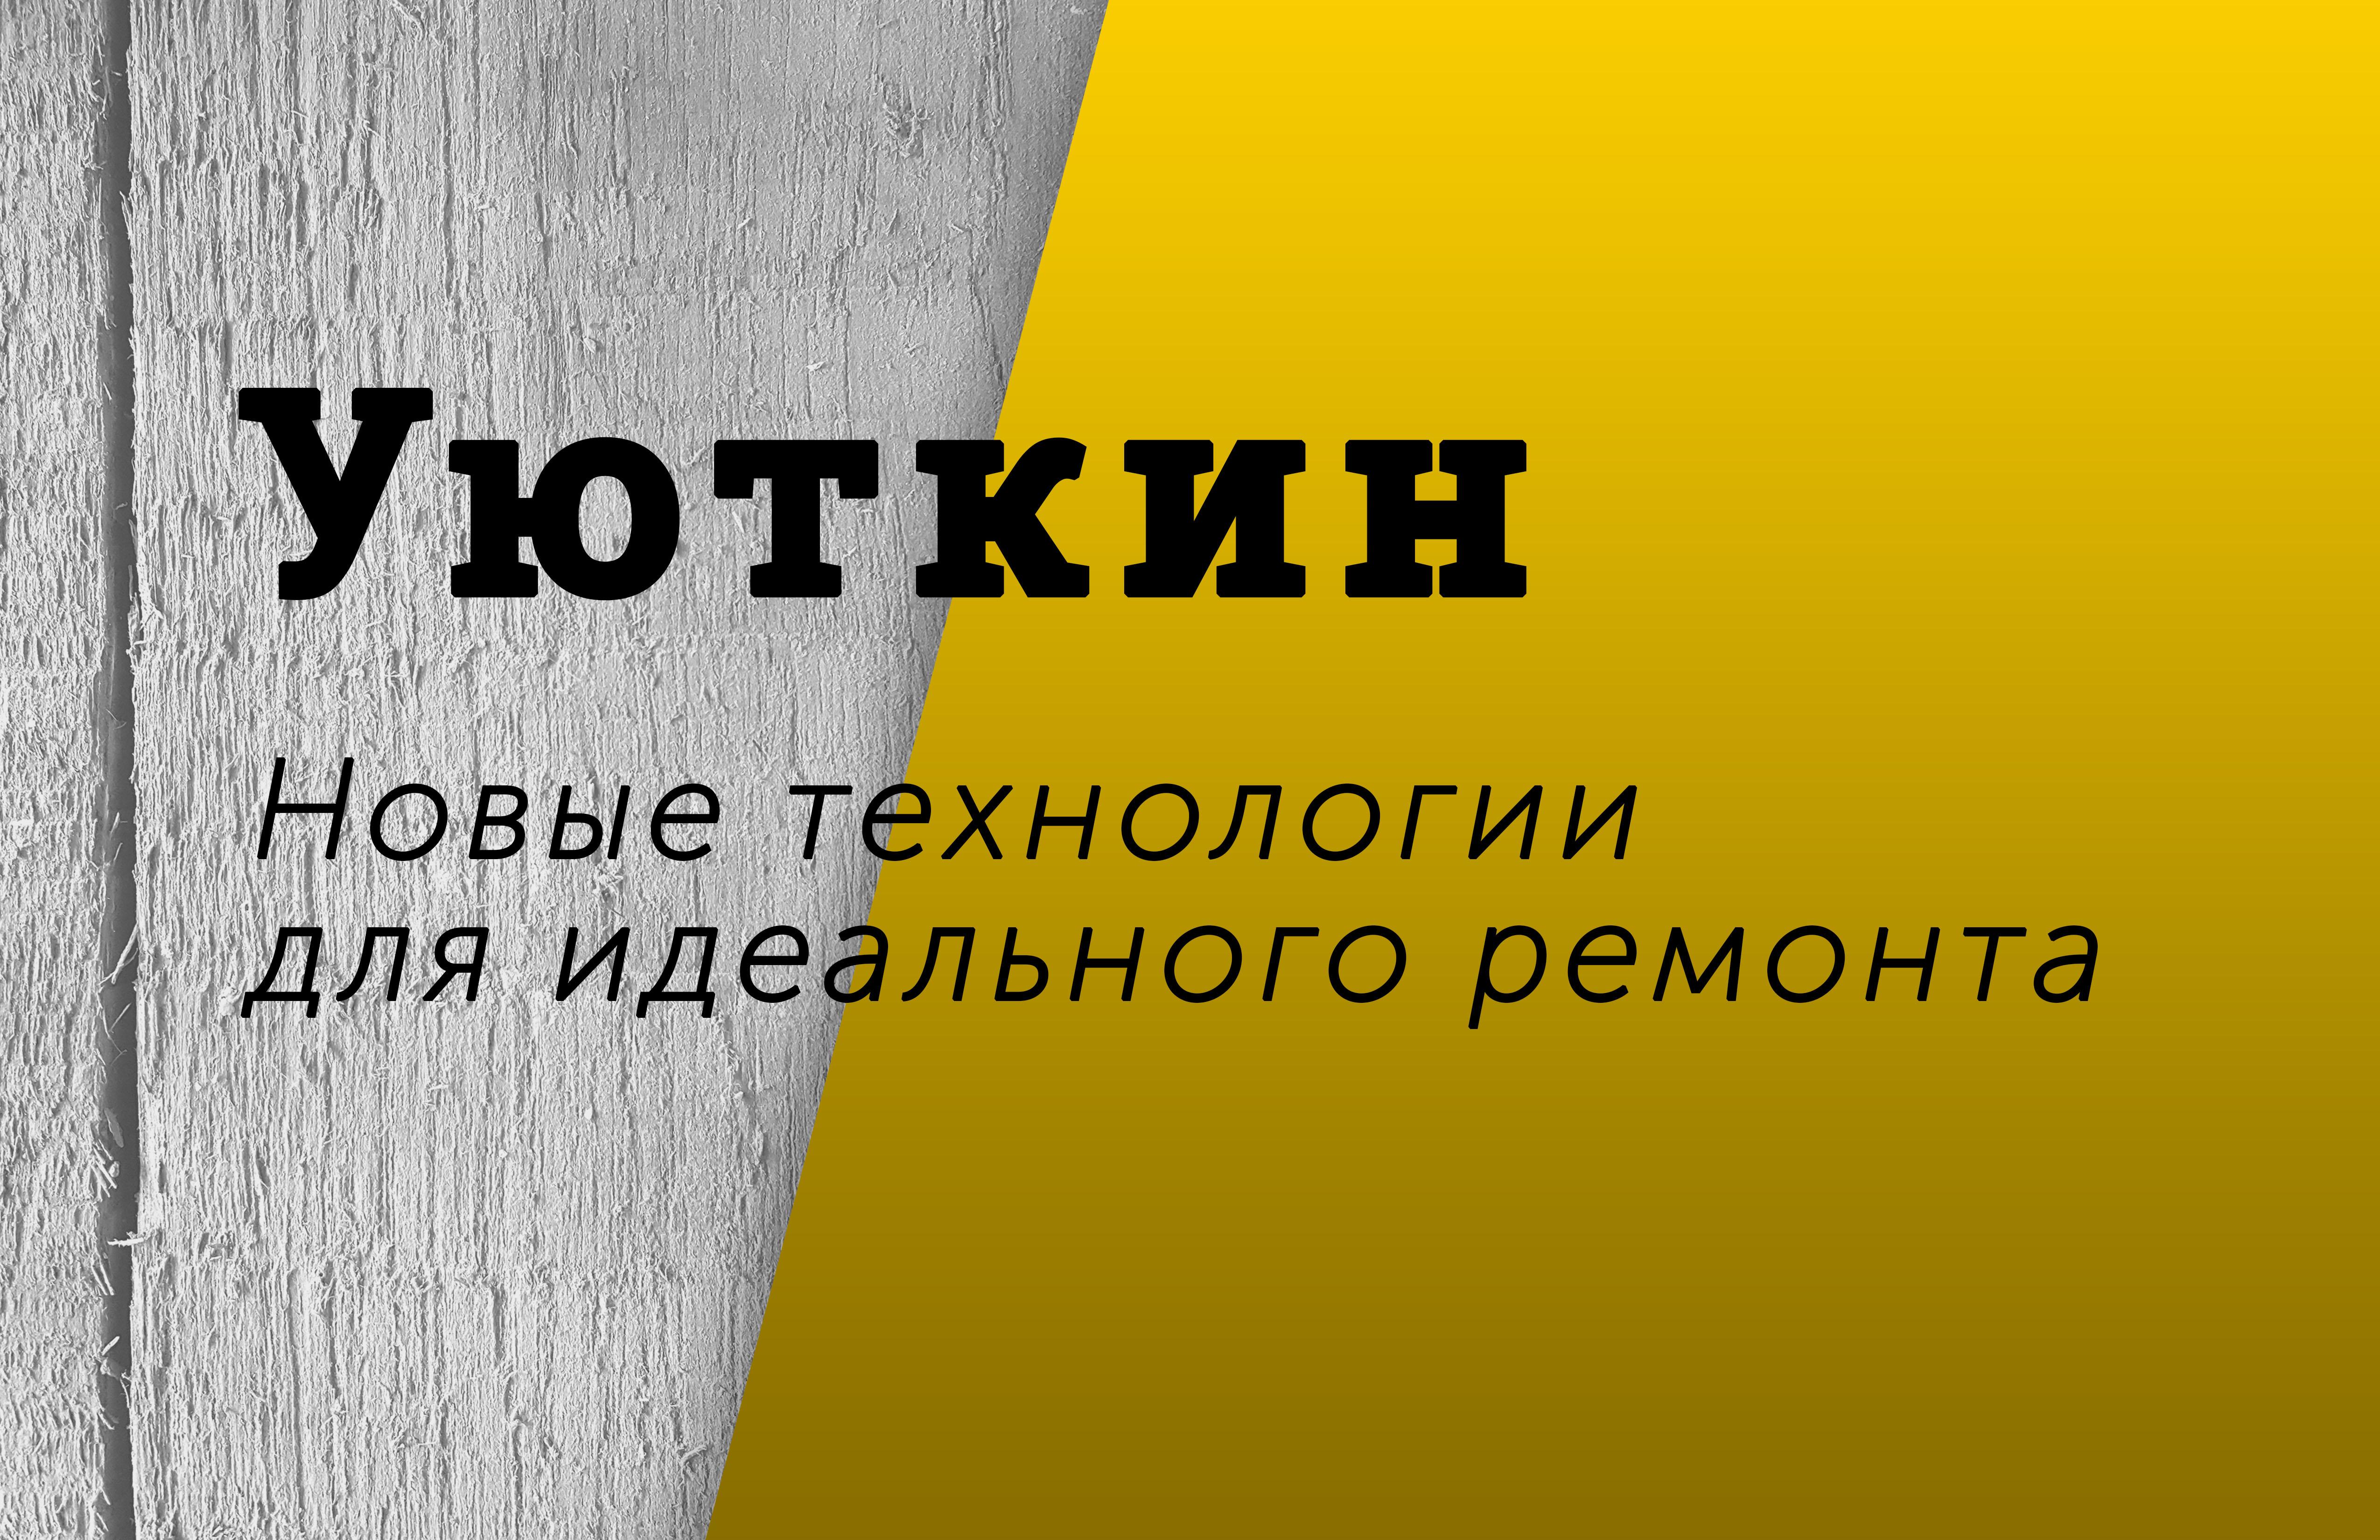 Создание логотипа и стиля сайта фото f_2035c61d9228af69.jpg